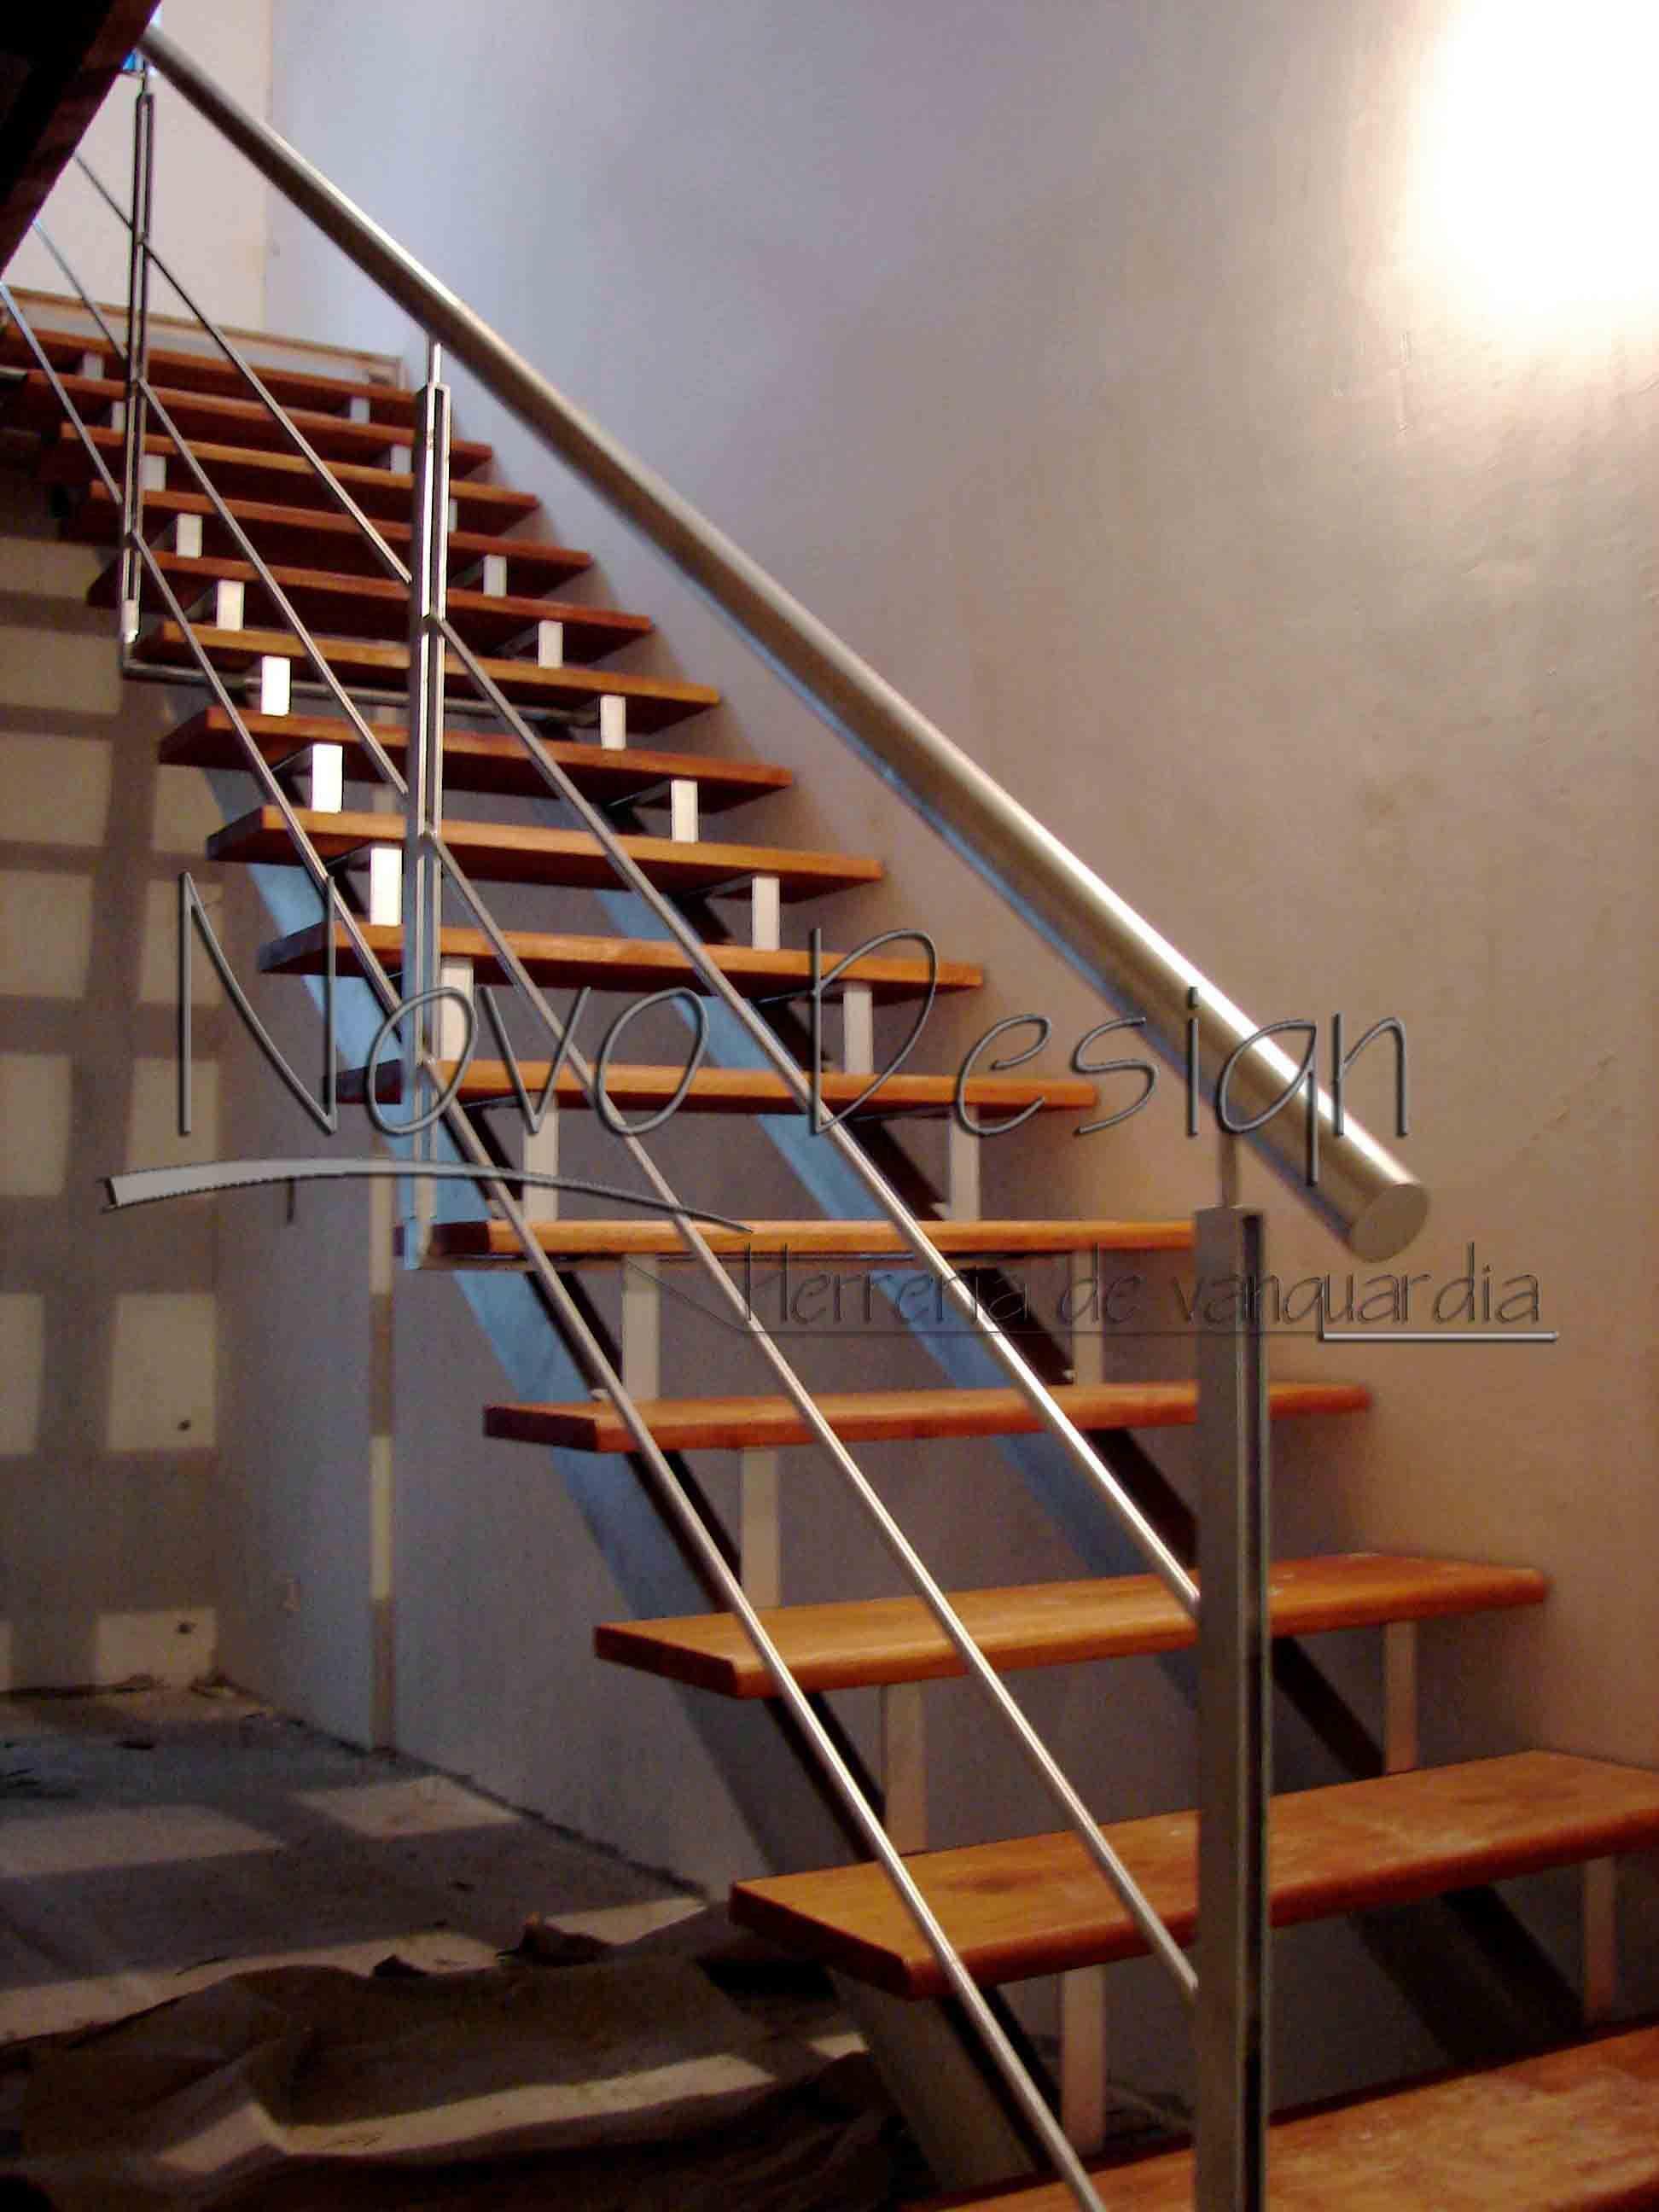 Escalera recta dos ejes venta de escaleras y barandas for Escalera de madera al aire libre precio